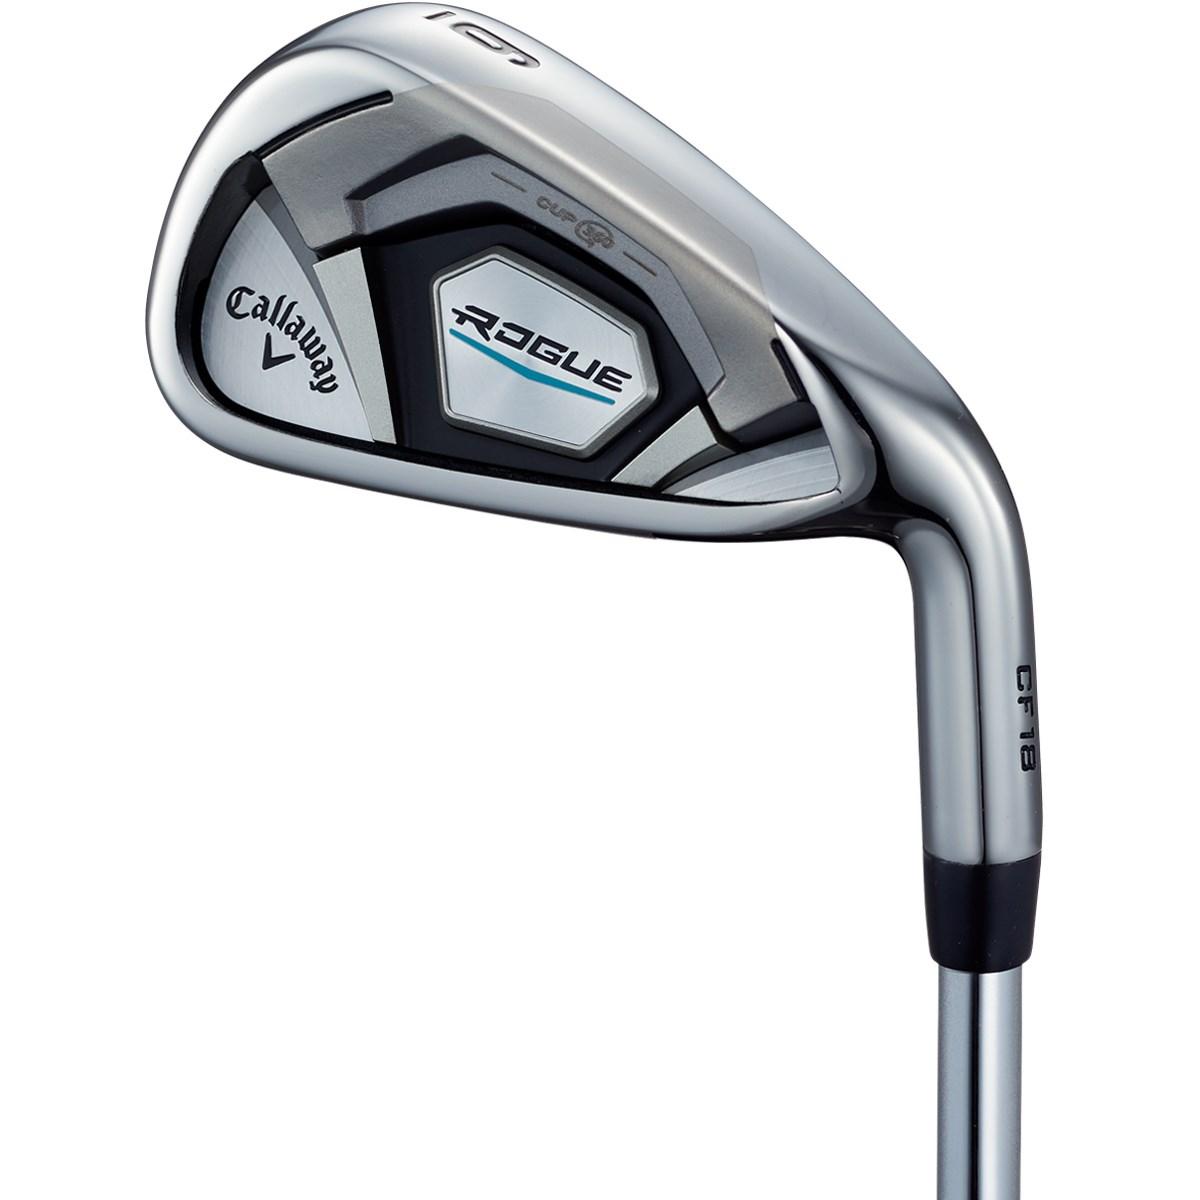 キャロウェイゴルフ(Callaway Golf) ROGUE アイアン(単品) N.S.PRO 950GH